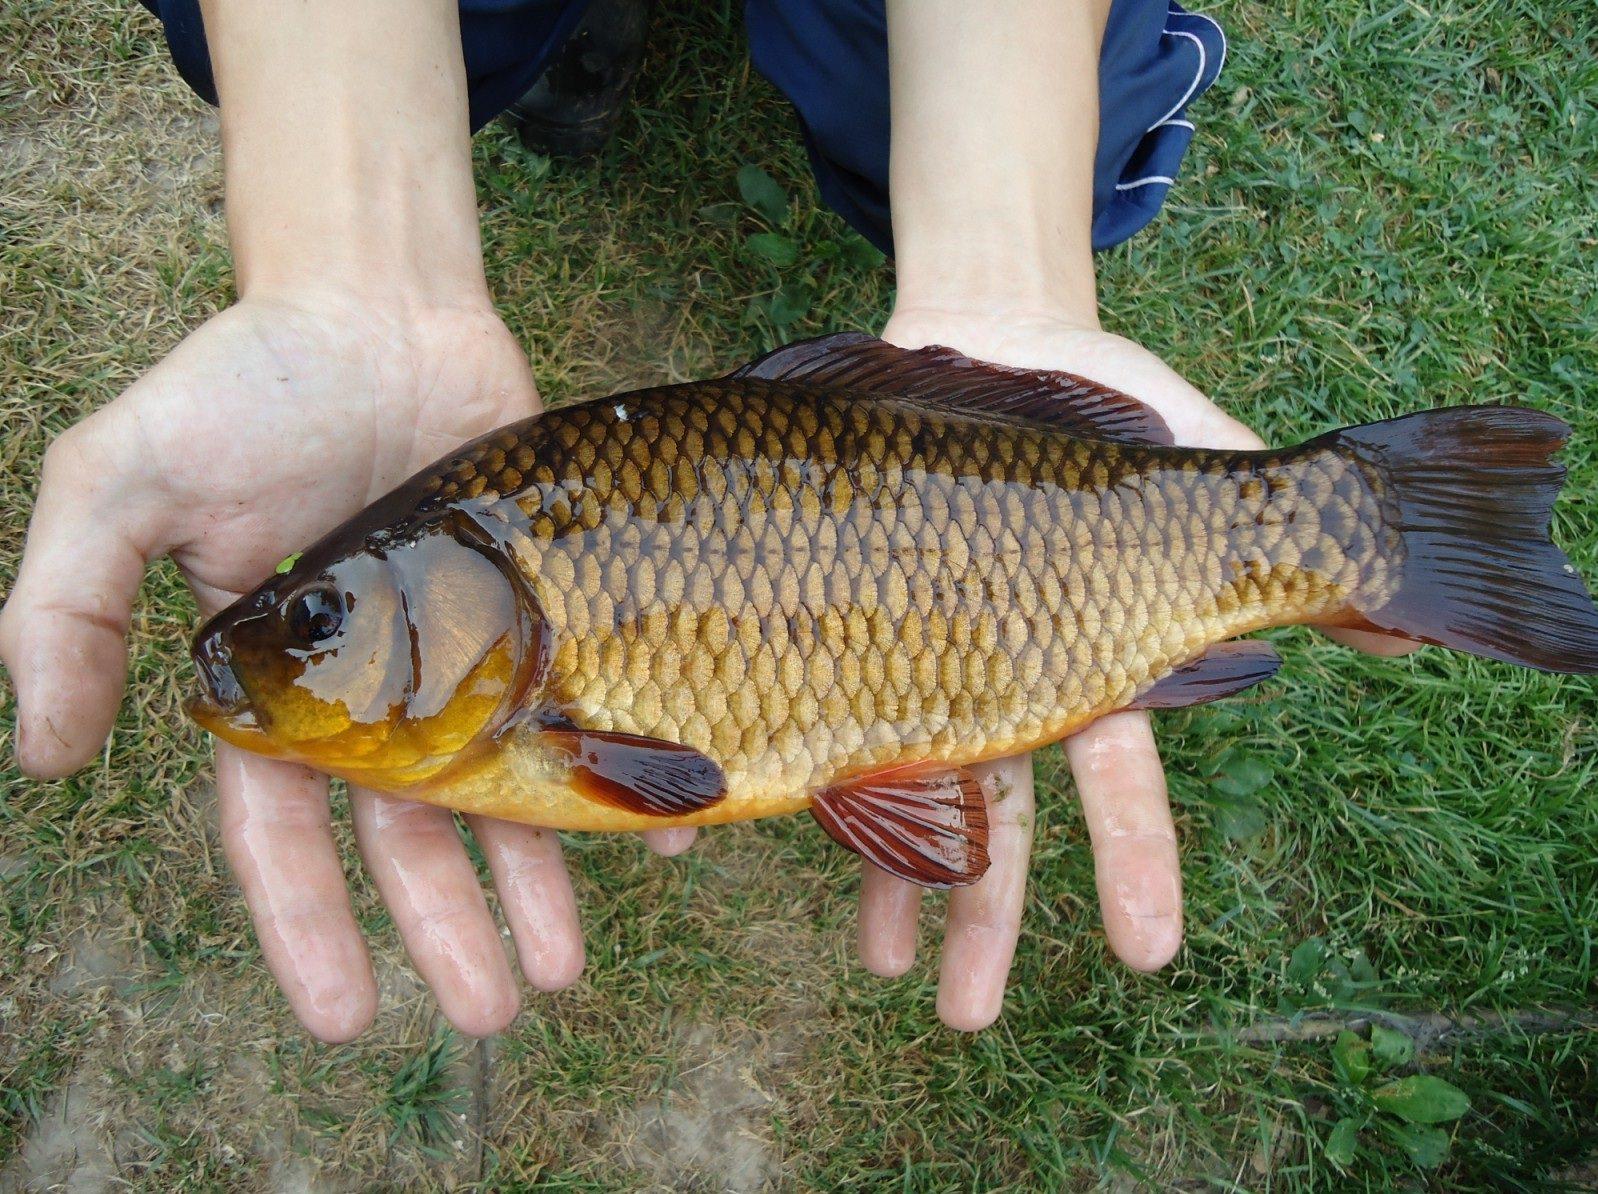 Пойманная рыба в руках